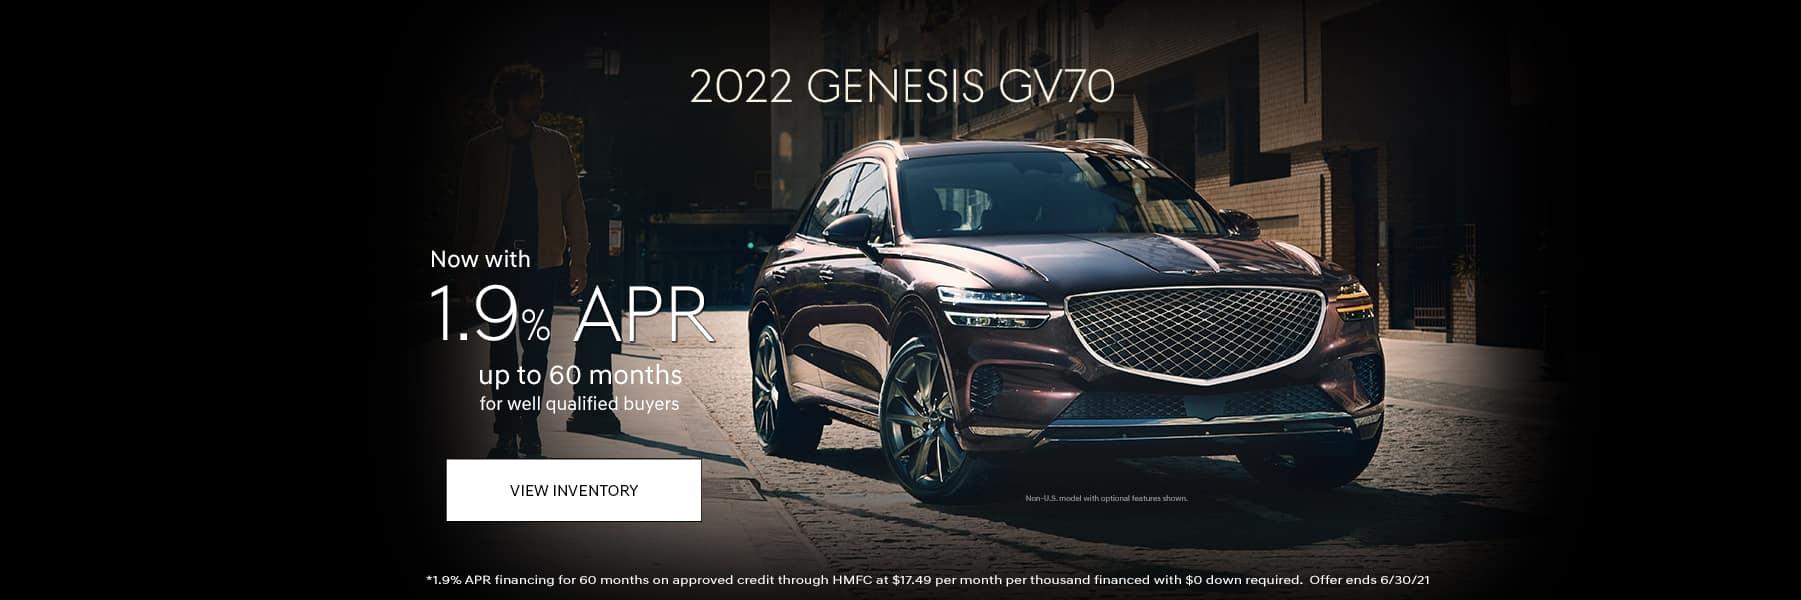 2022-Genesis-GV70-Jun21